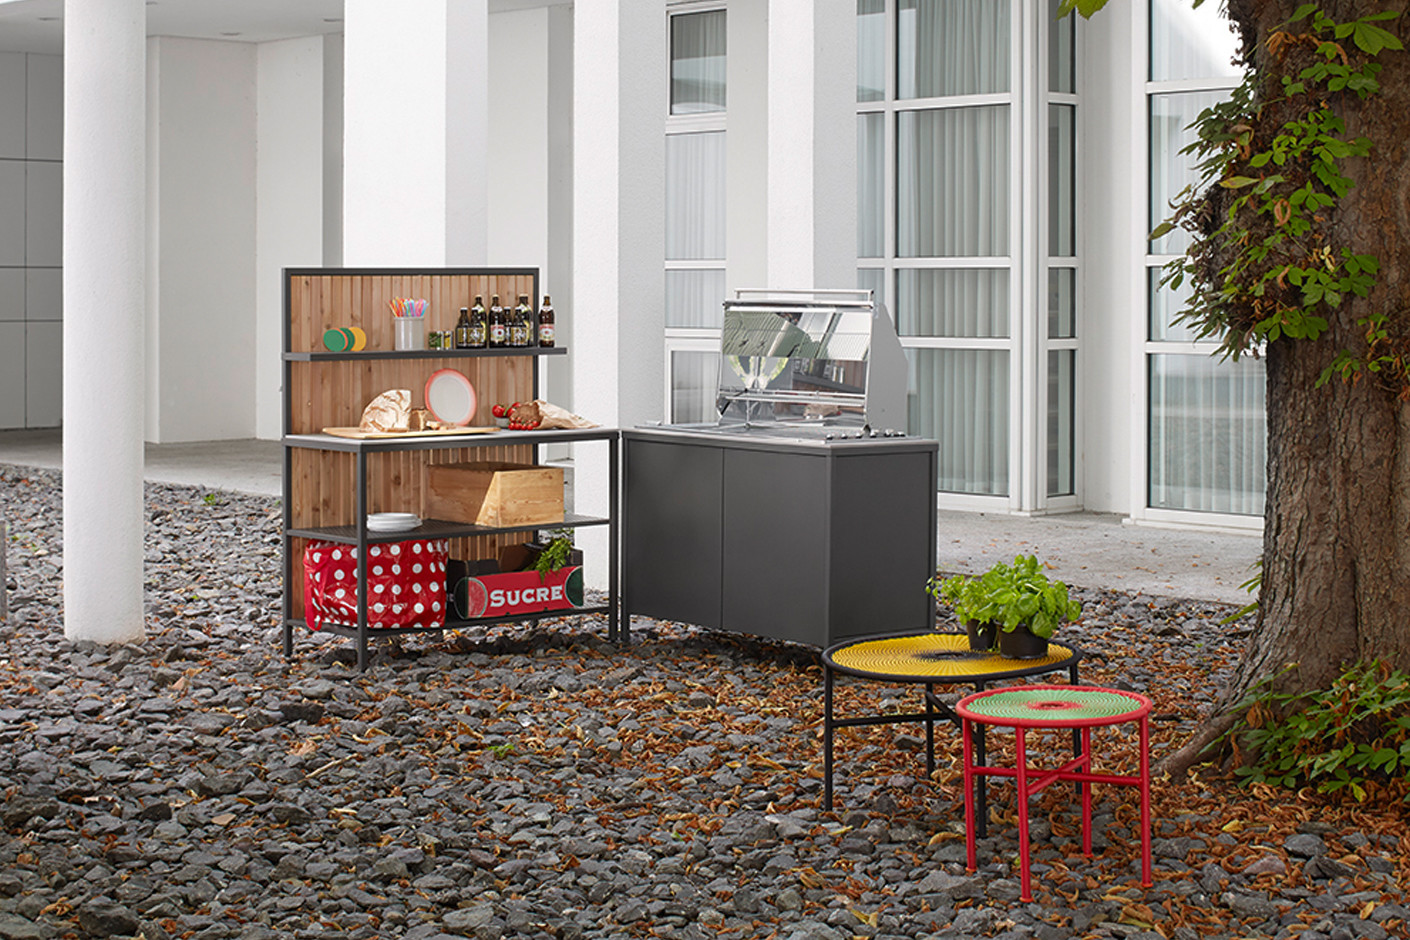 Türen Für Außenküchen : Bildergalerie außenküchen: stylepark